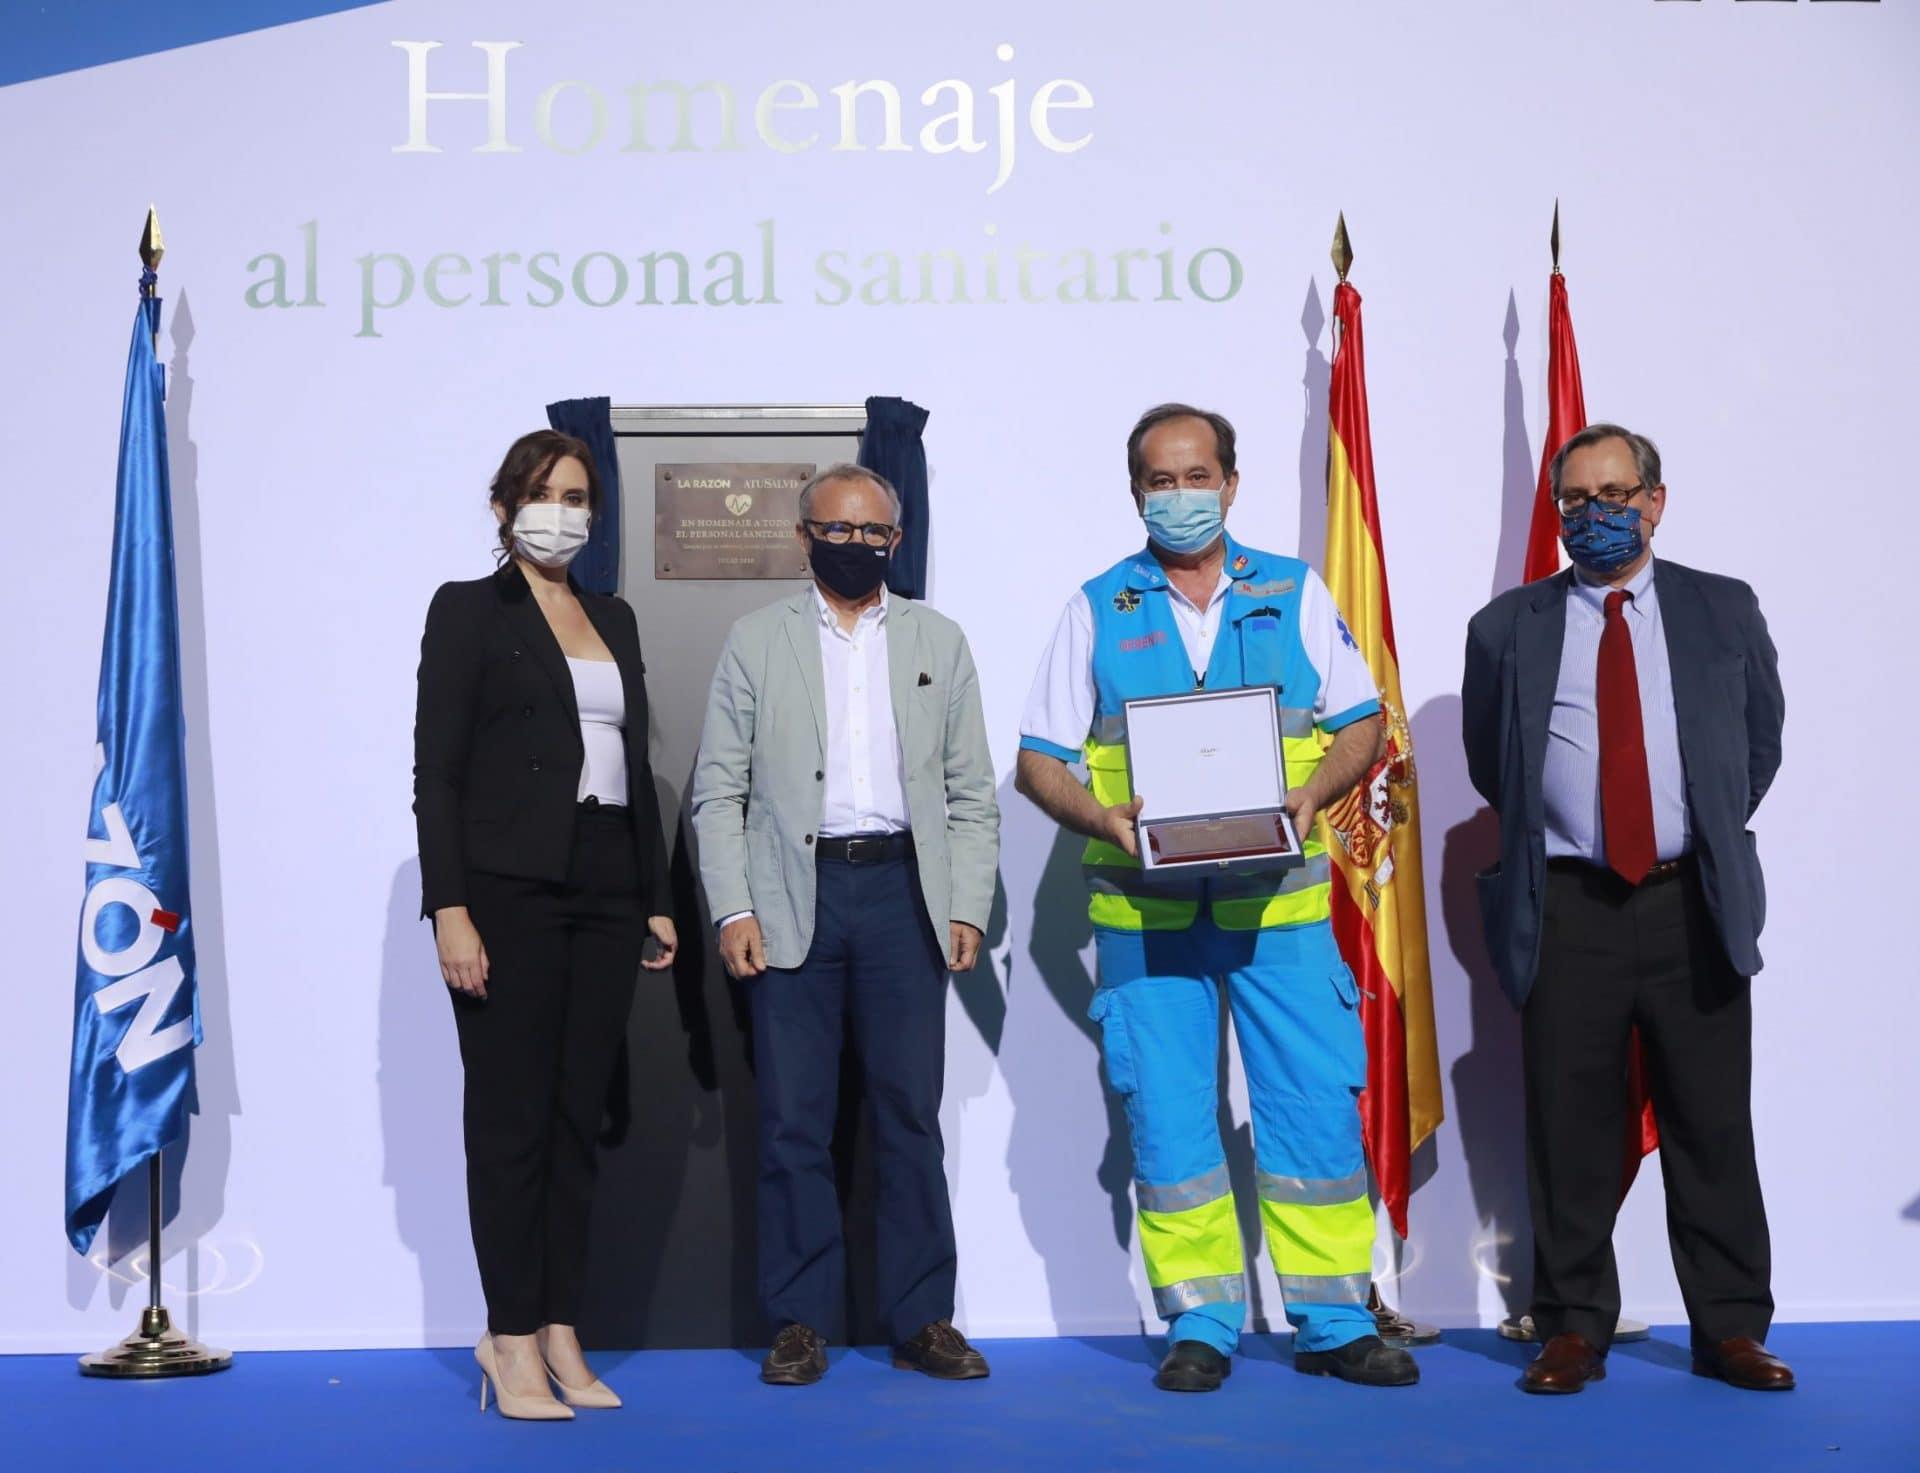 Premios sanitarios la razón pandemia covid-19